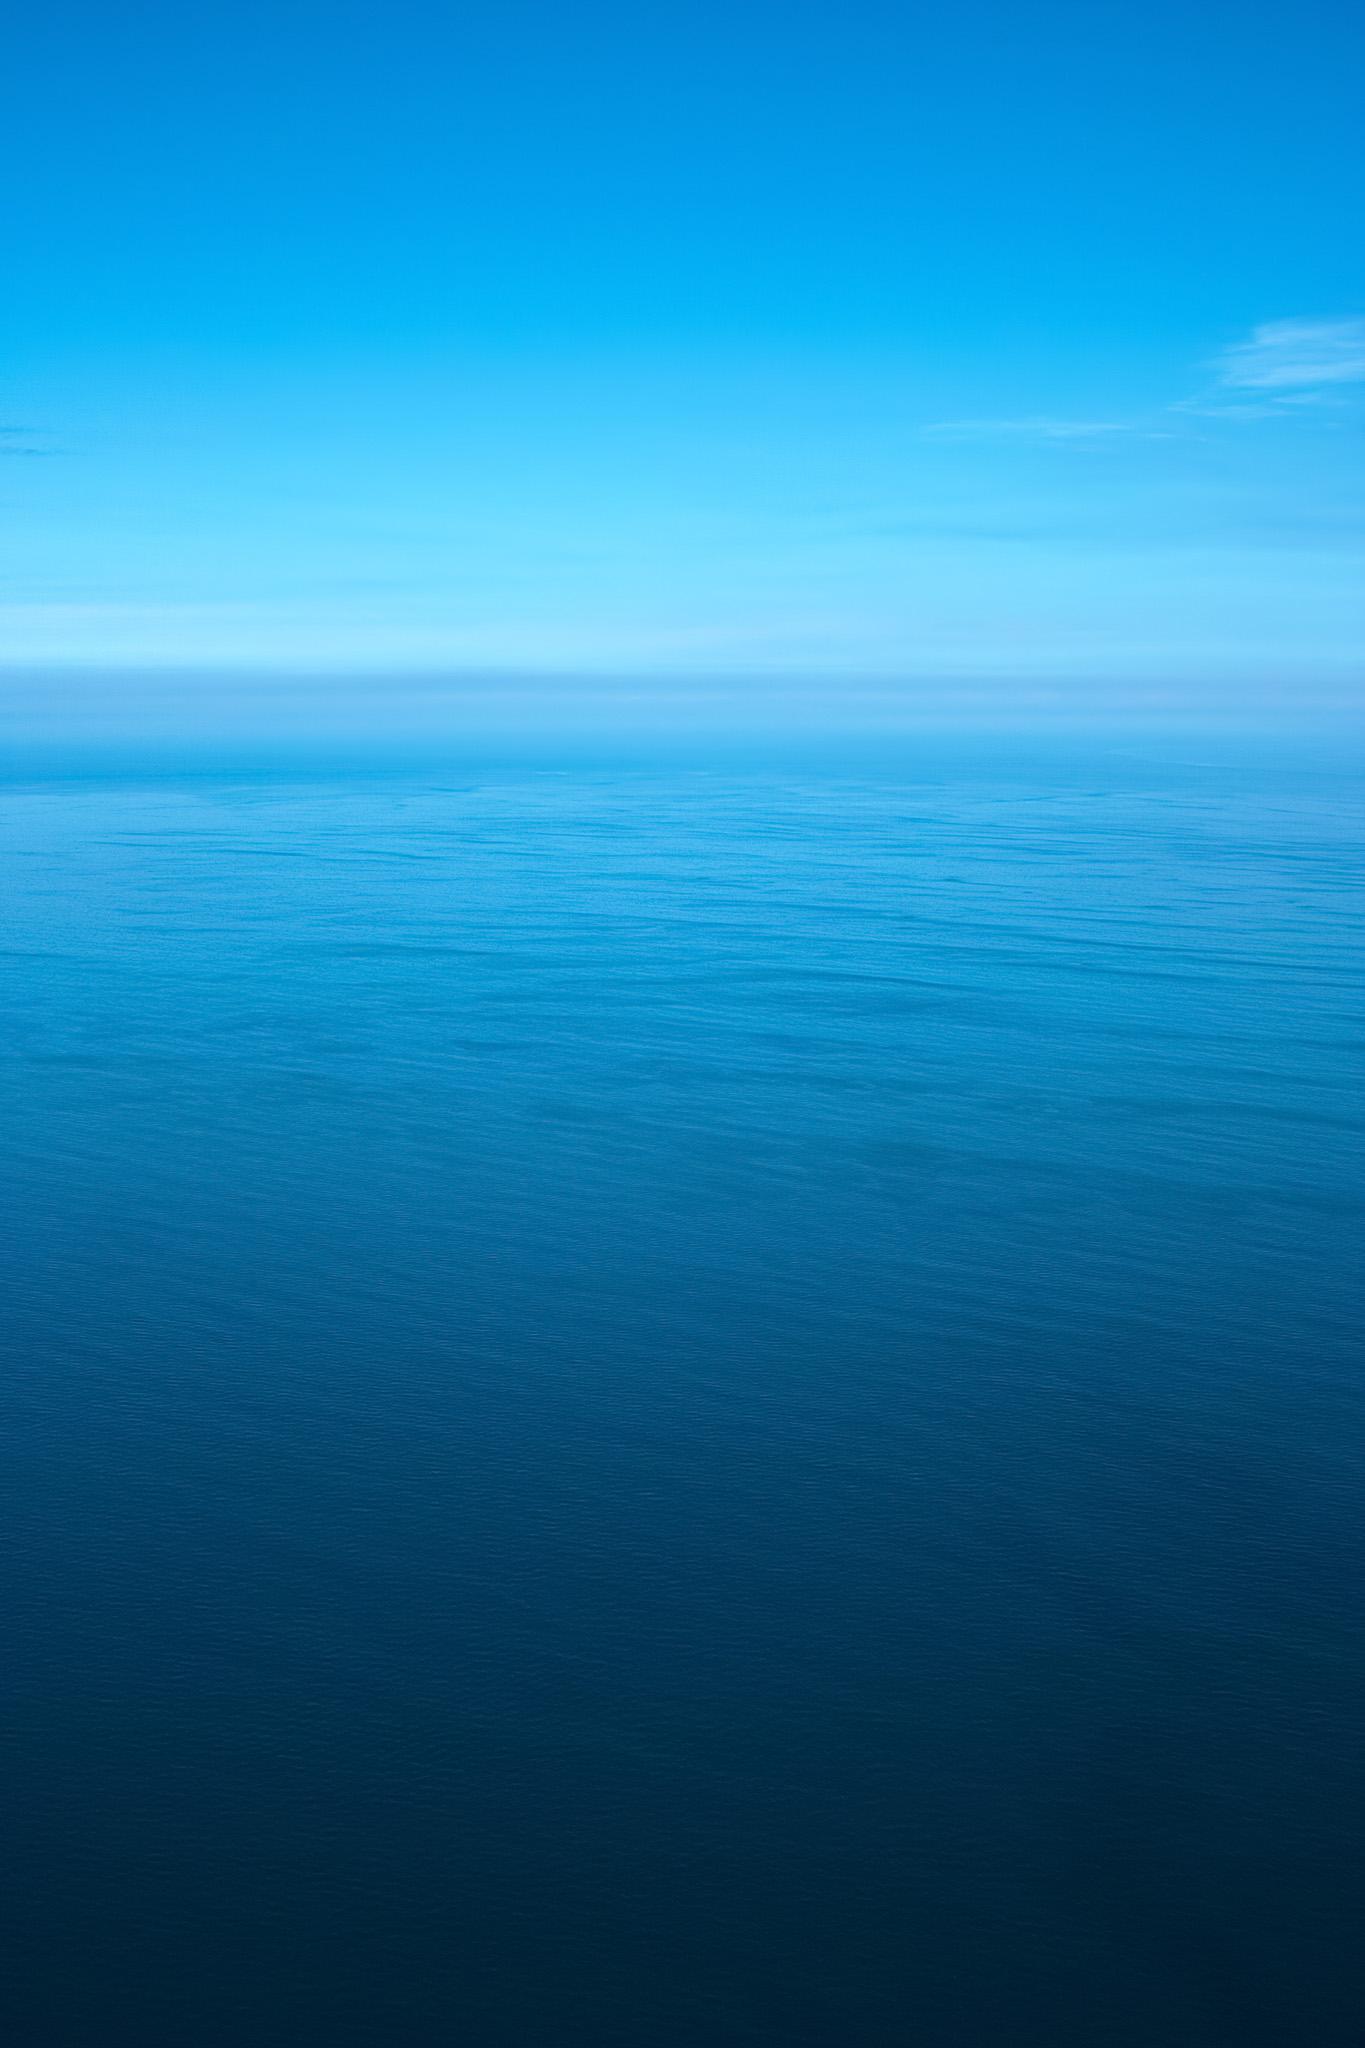 「静かな海と滲む水平線」